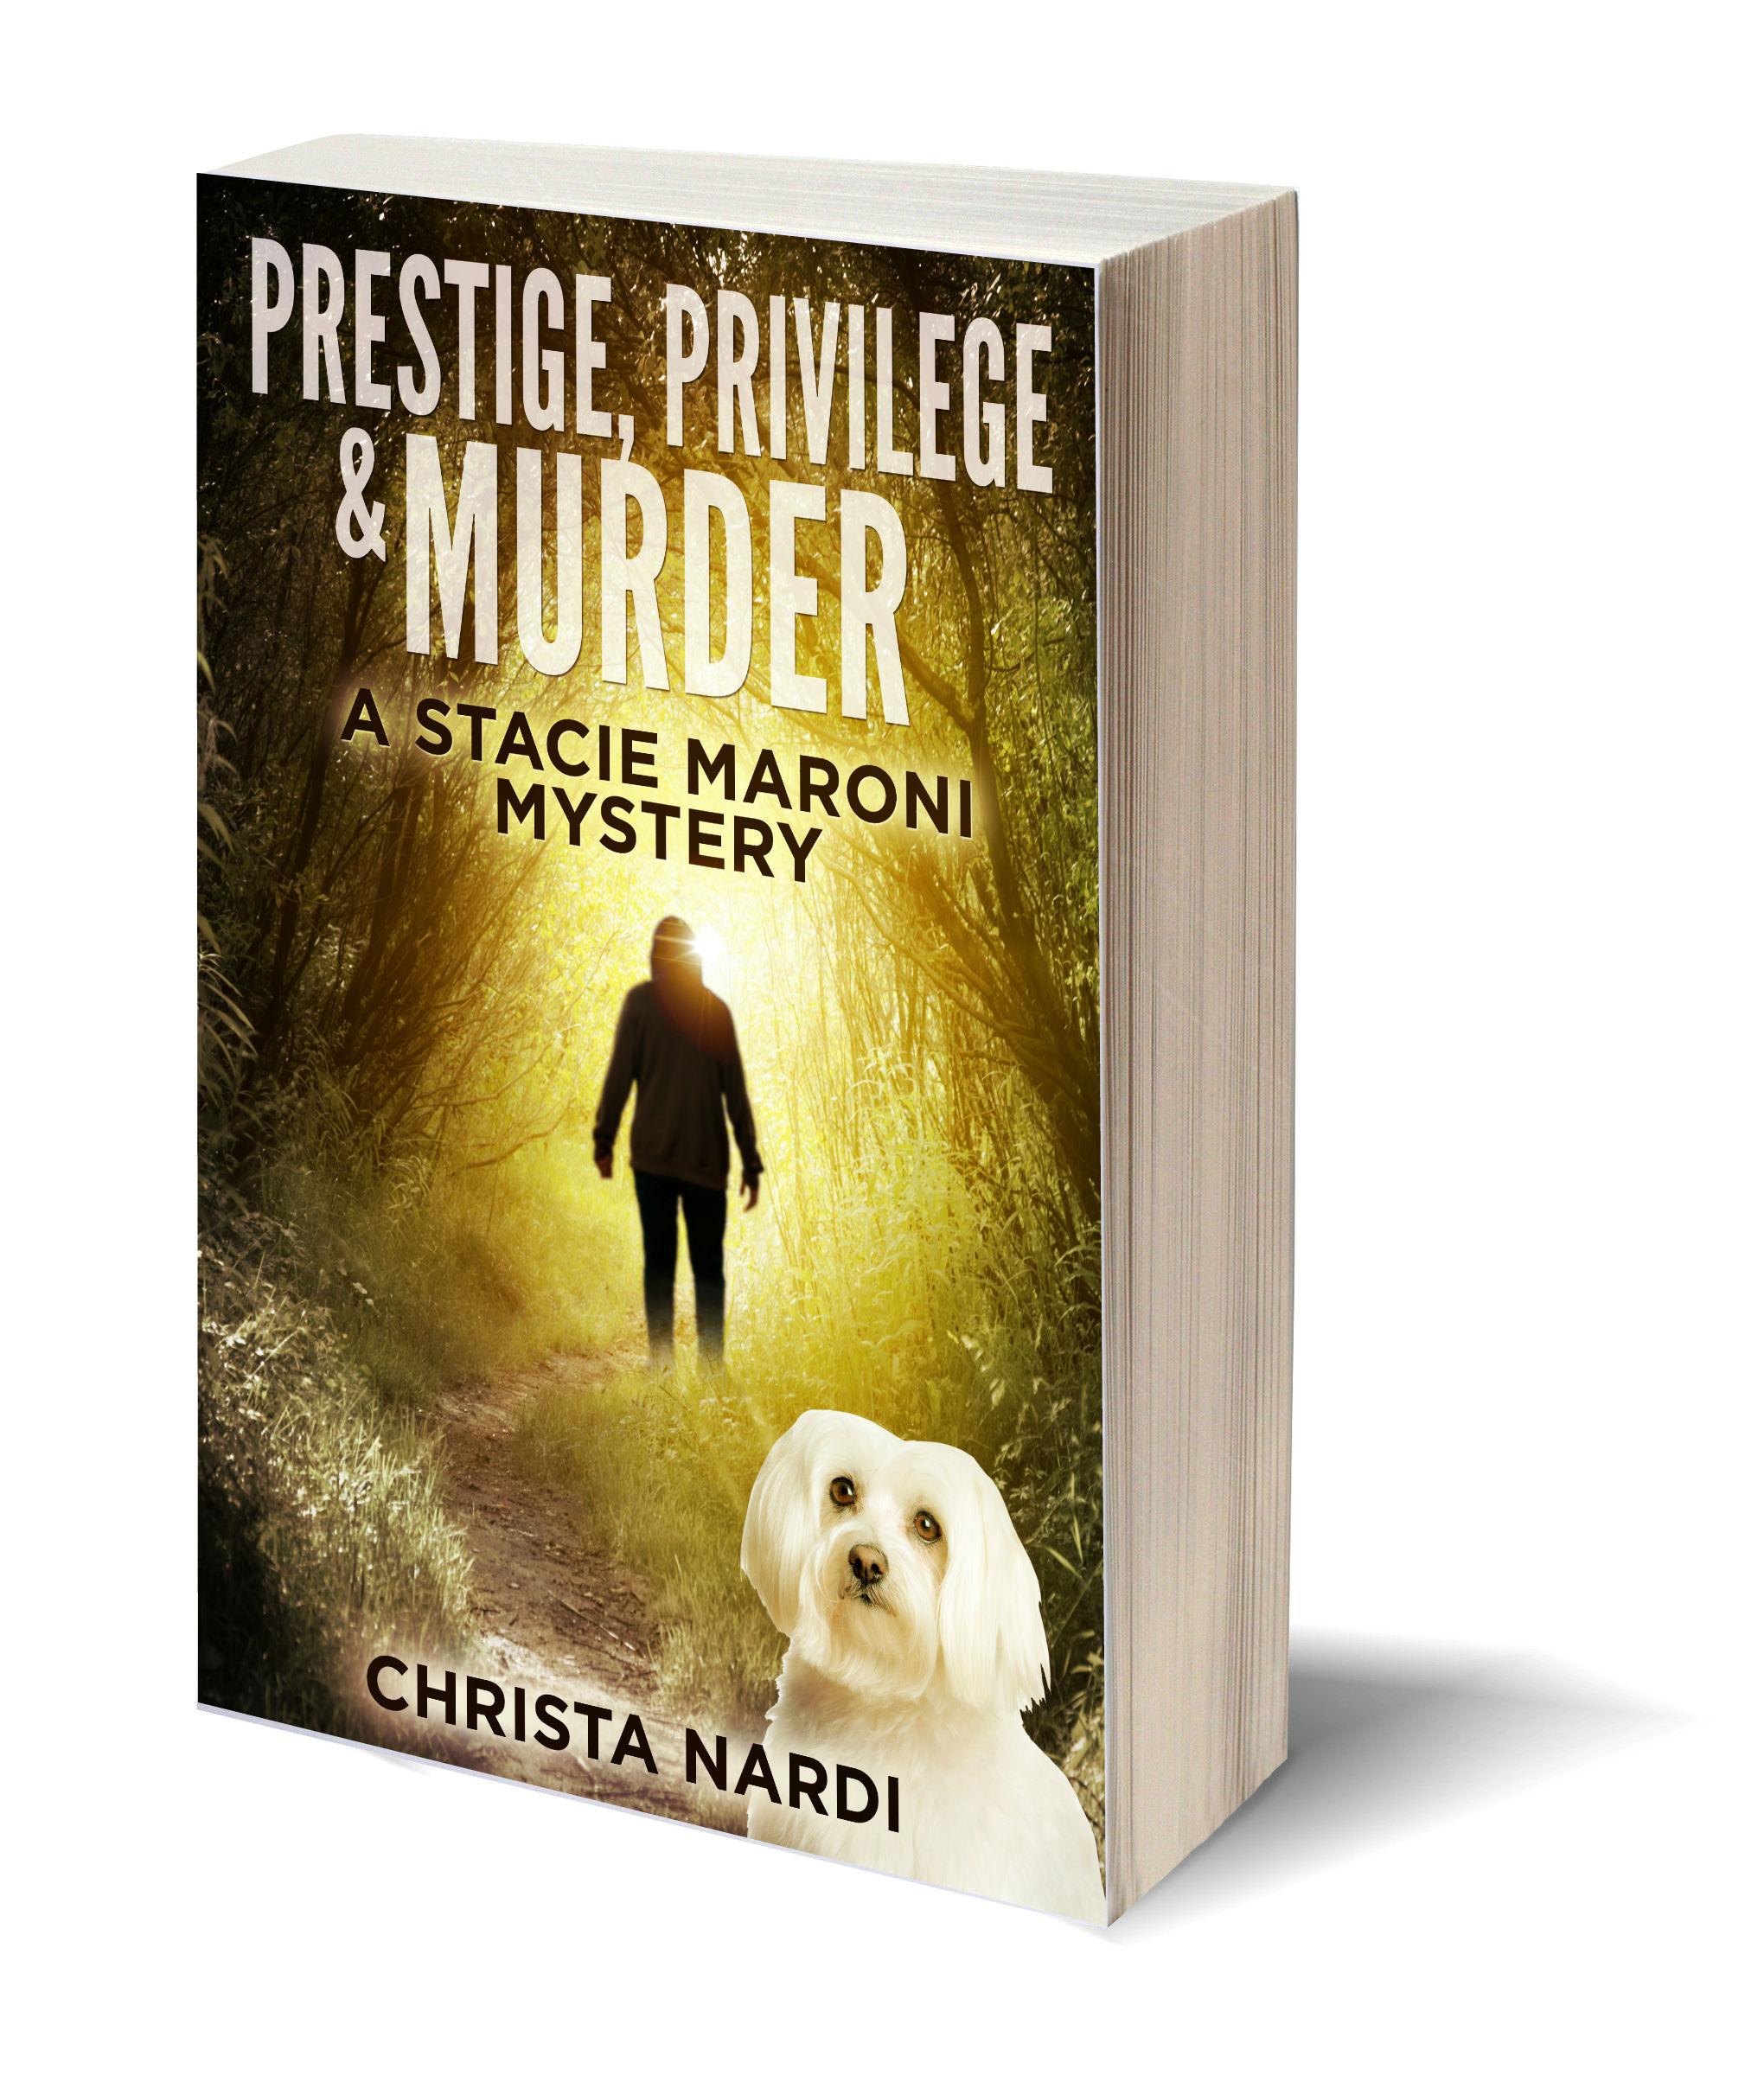 Prestige Privelege Murder 3D-Book-Template